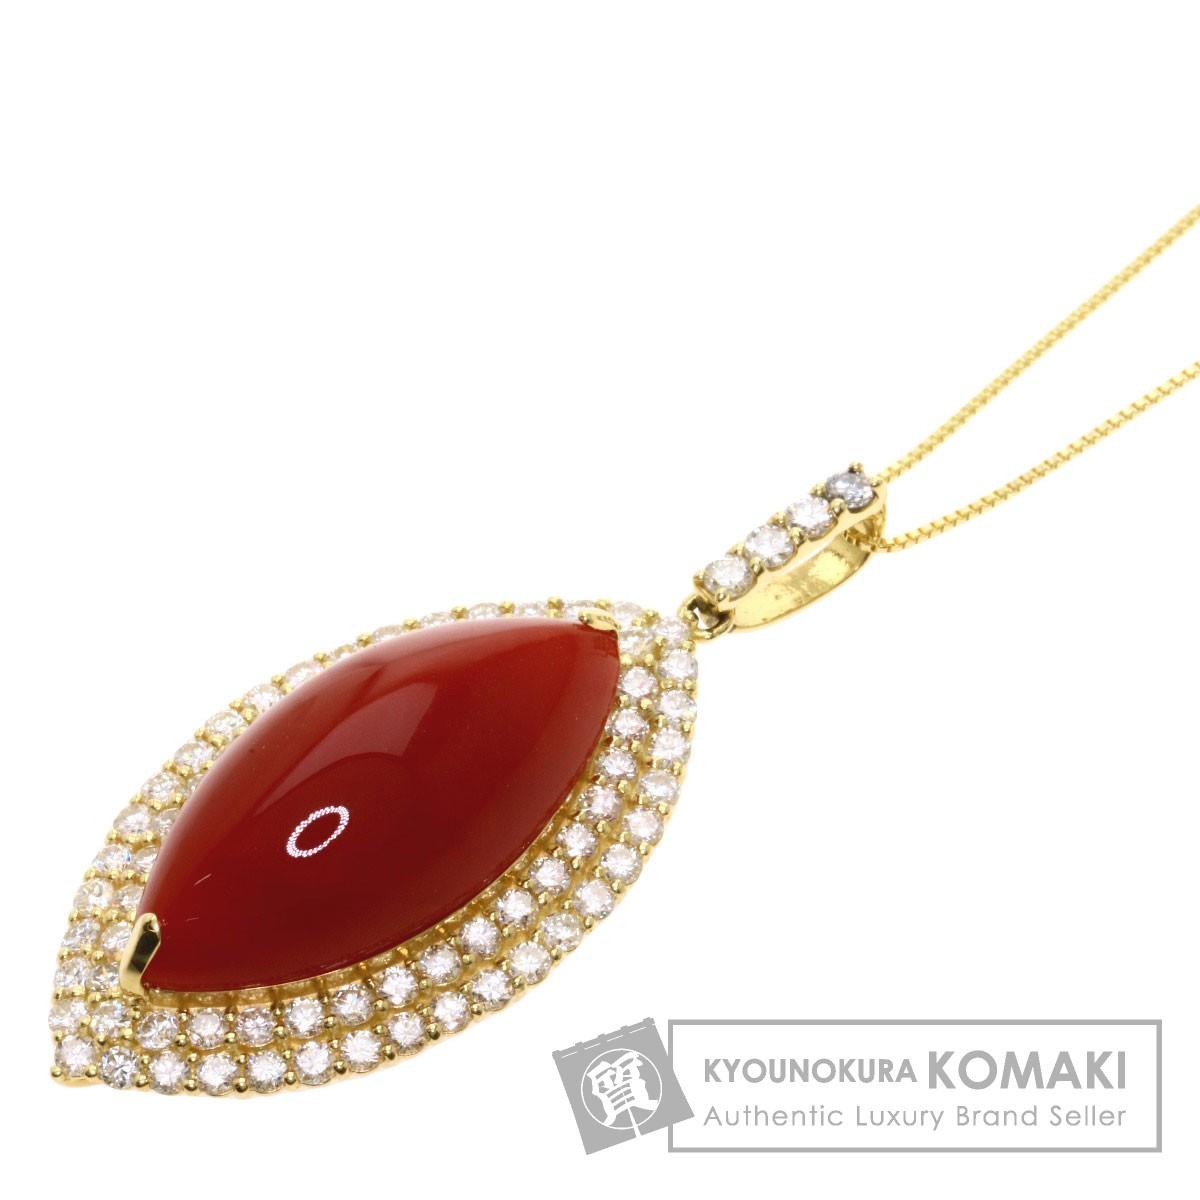 サンゴ 珊瑚 ダイヤモンド ネックレス K18イエローゴールド 10g レディース 【中古】